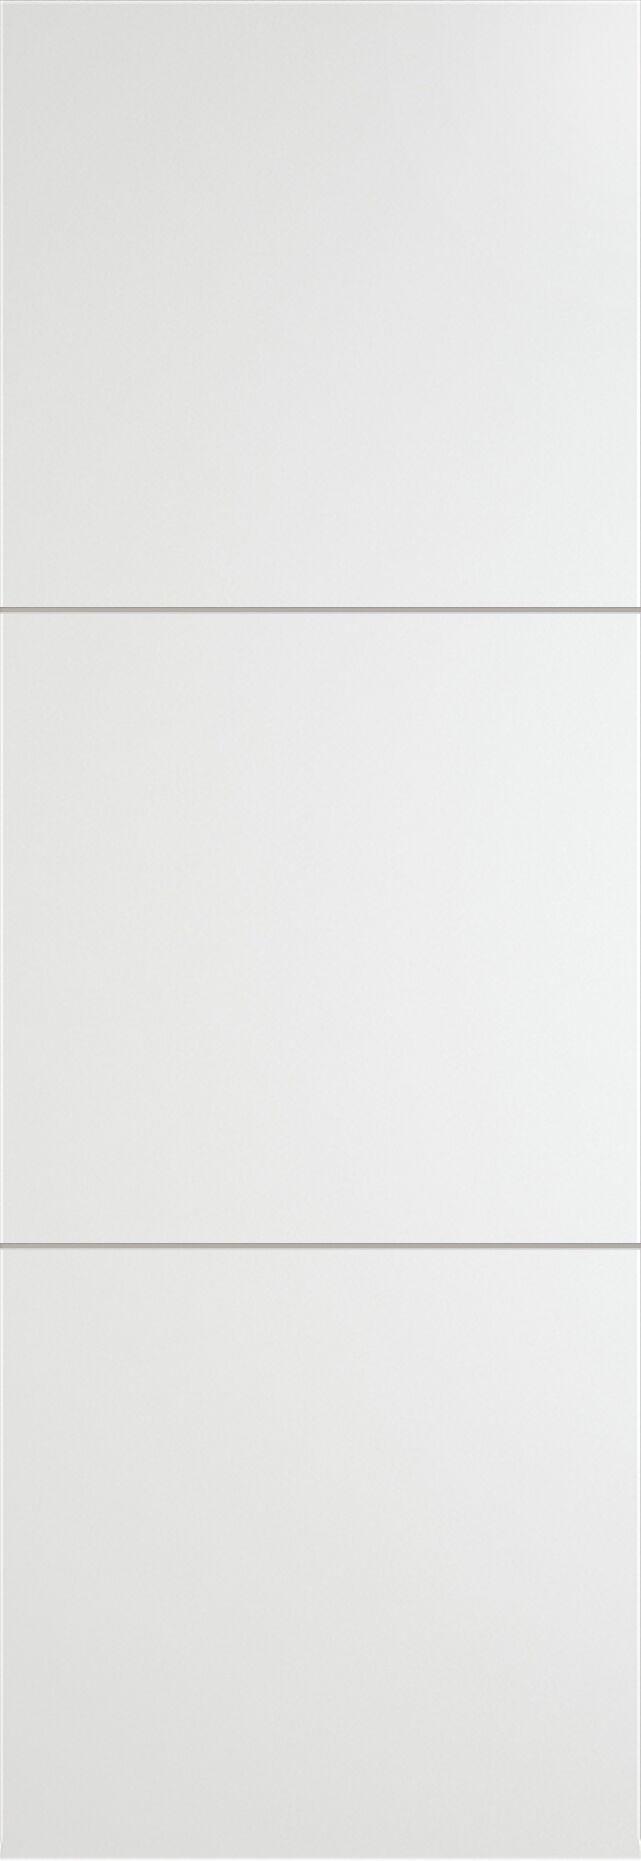 Tivoli В-2 Invisible цвет - Белая эмаль Без стекла (ДГ)